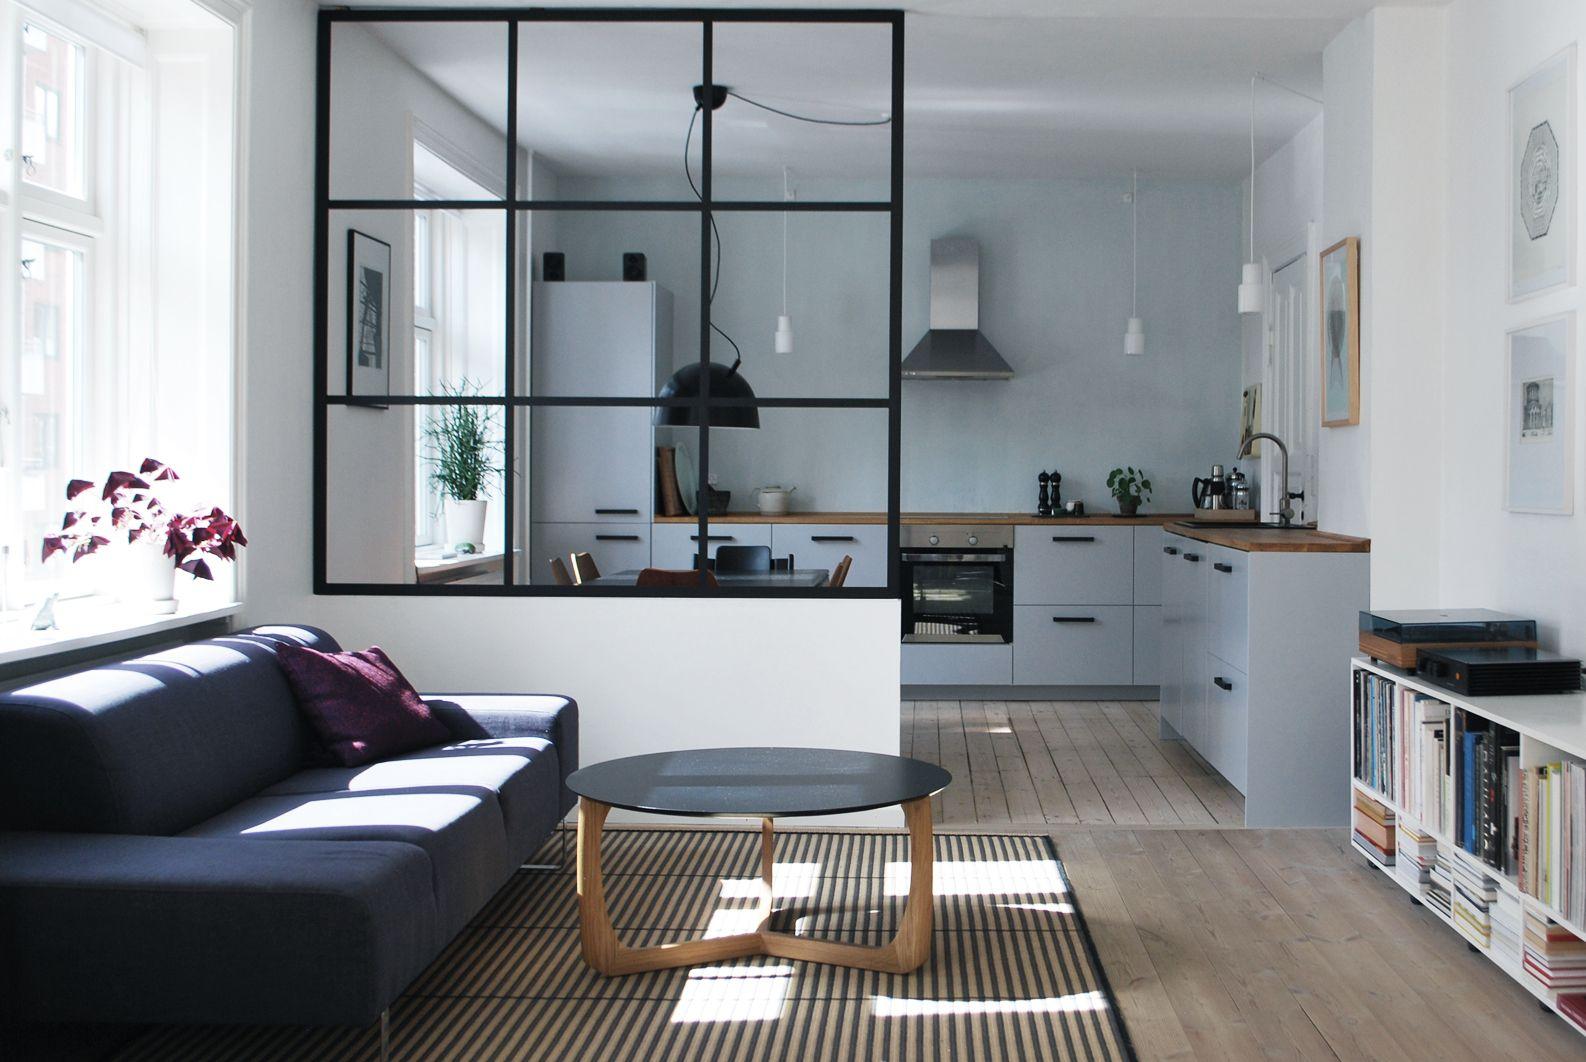 veddinge #ikea | Køkken | Pinterest | Küche, Einrichtung und Deko | {Skandinavische kücheneinrichtung 23}